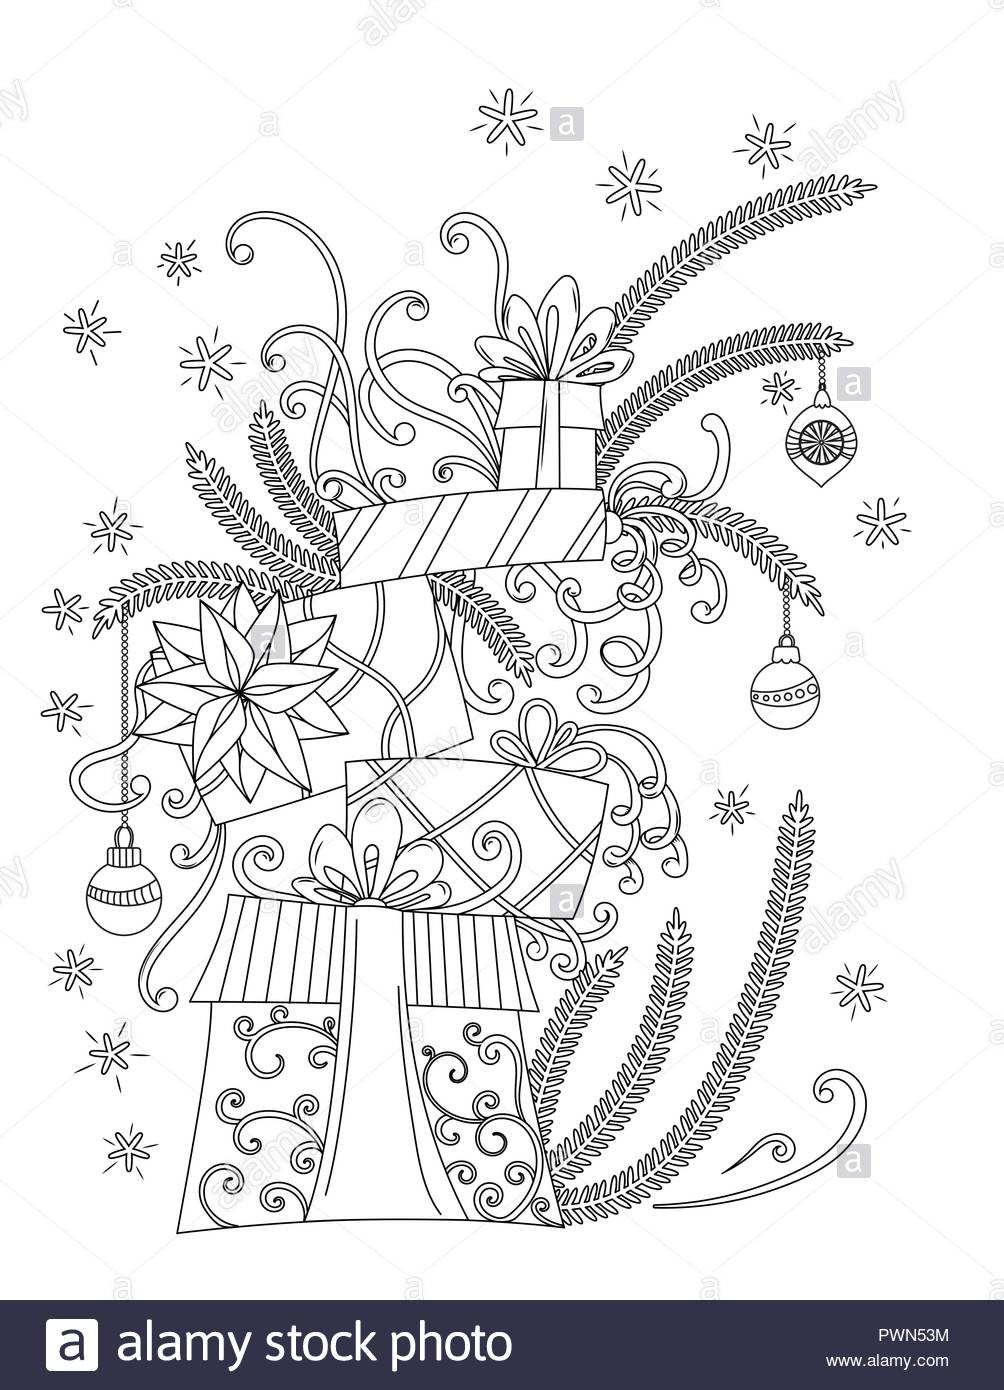 Ausmalbilder Weihnachten Für Erwachsene Zum Ausdrucken Inspirierend Weihnachten Malvorlagen Malbuch Für Erwachsene Stapel Von Sammlung